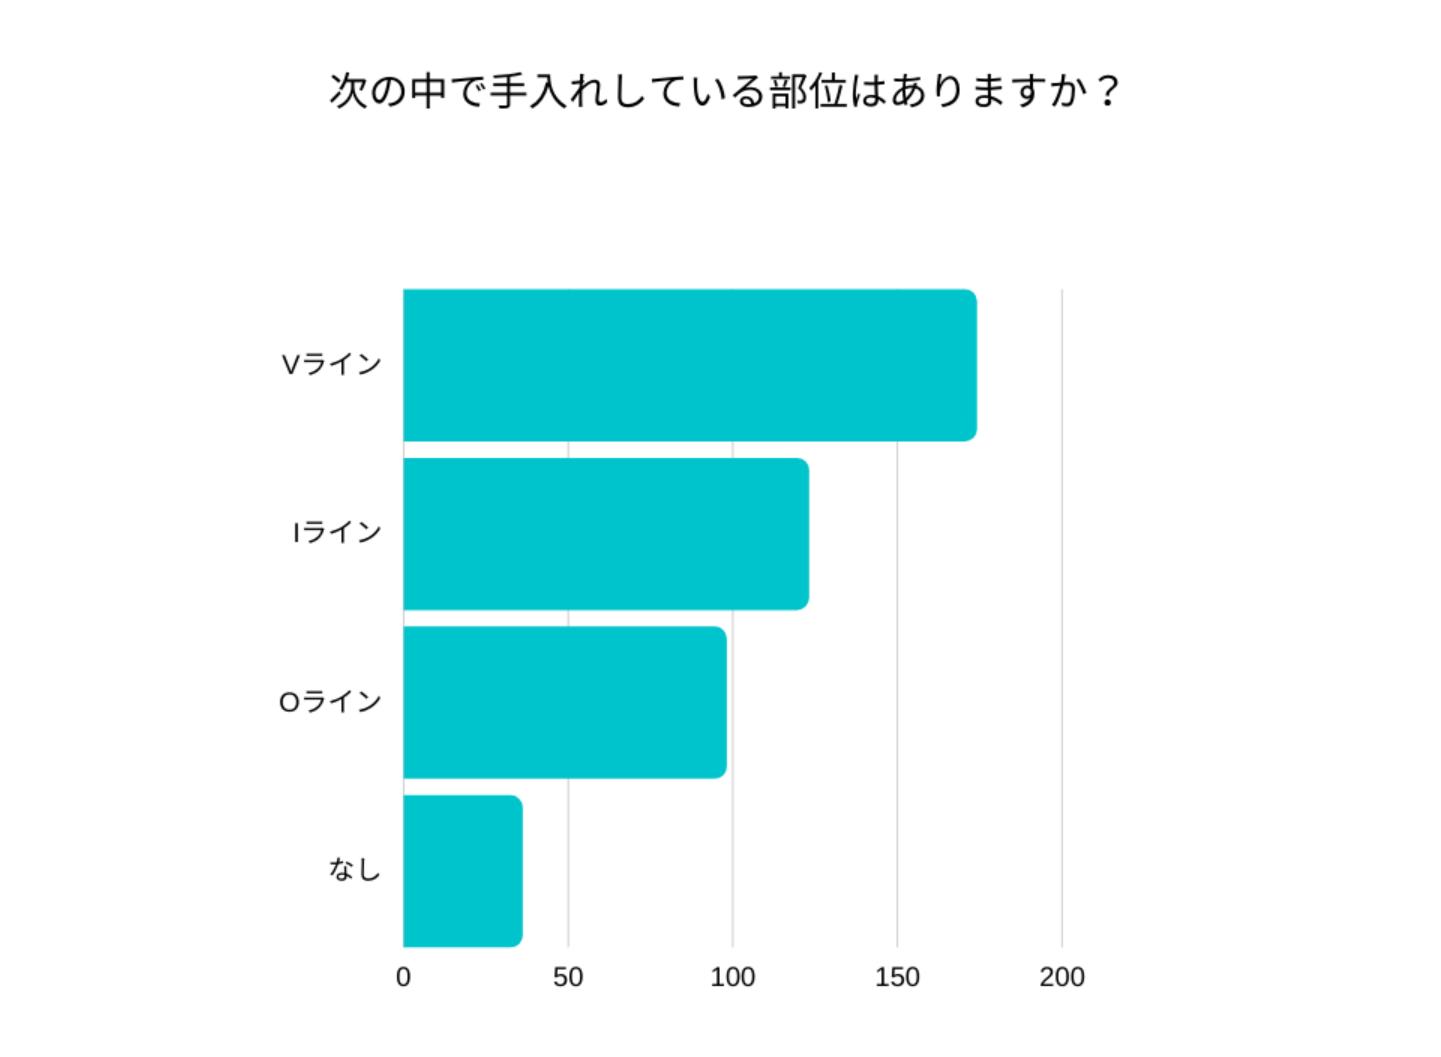 233名の女性のアンケート結果のグラフ画像